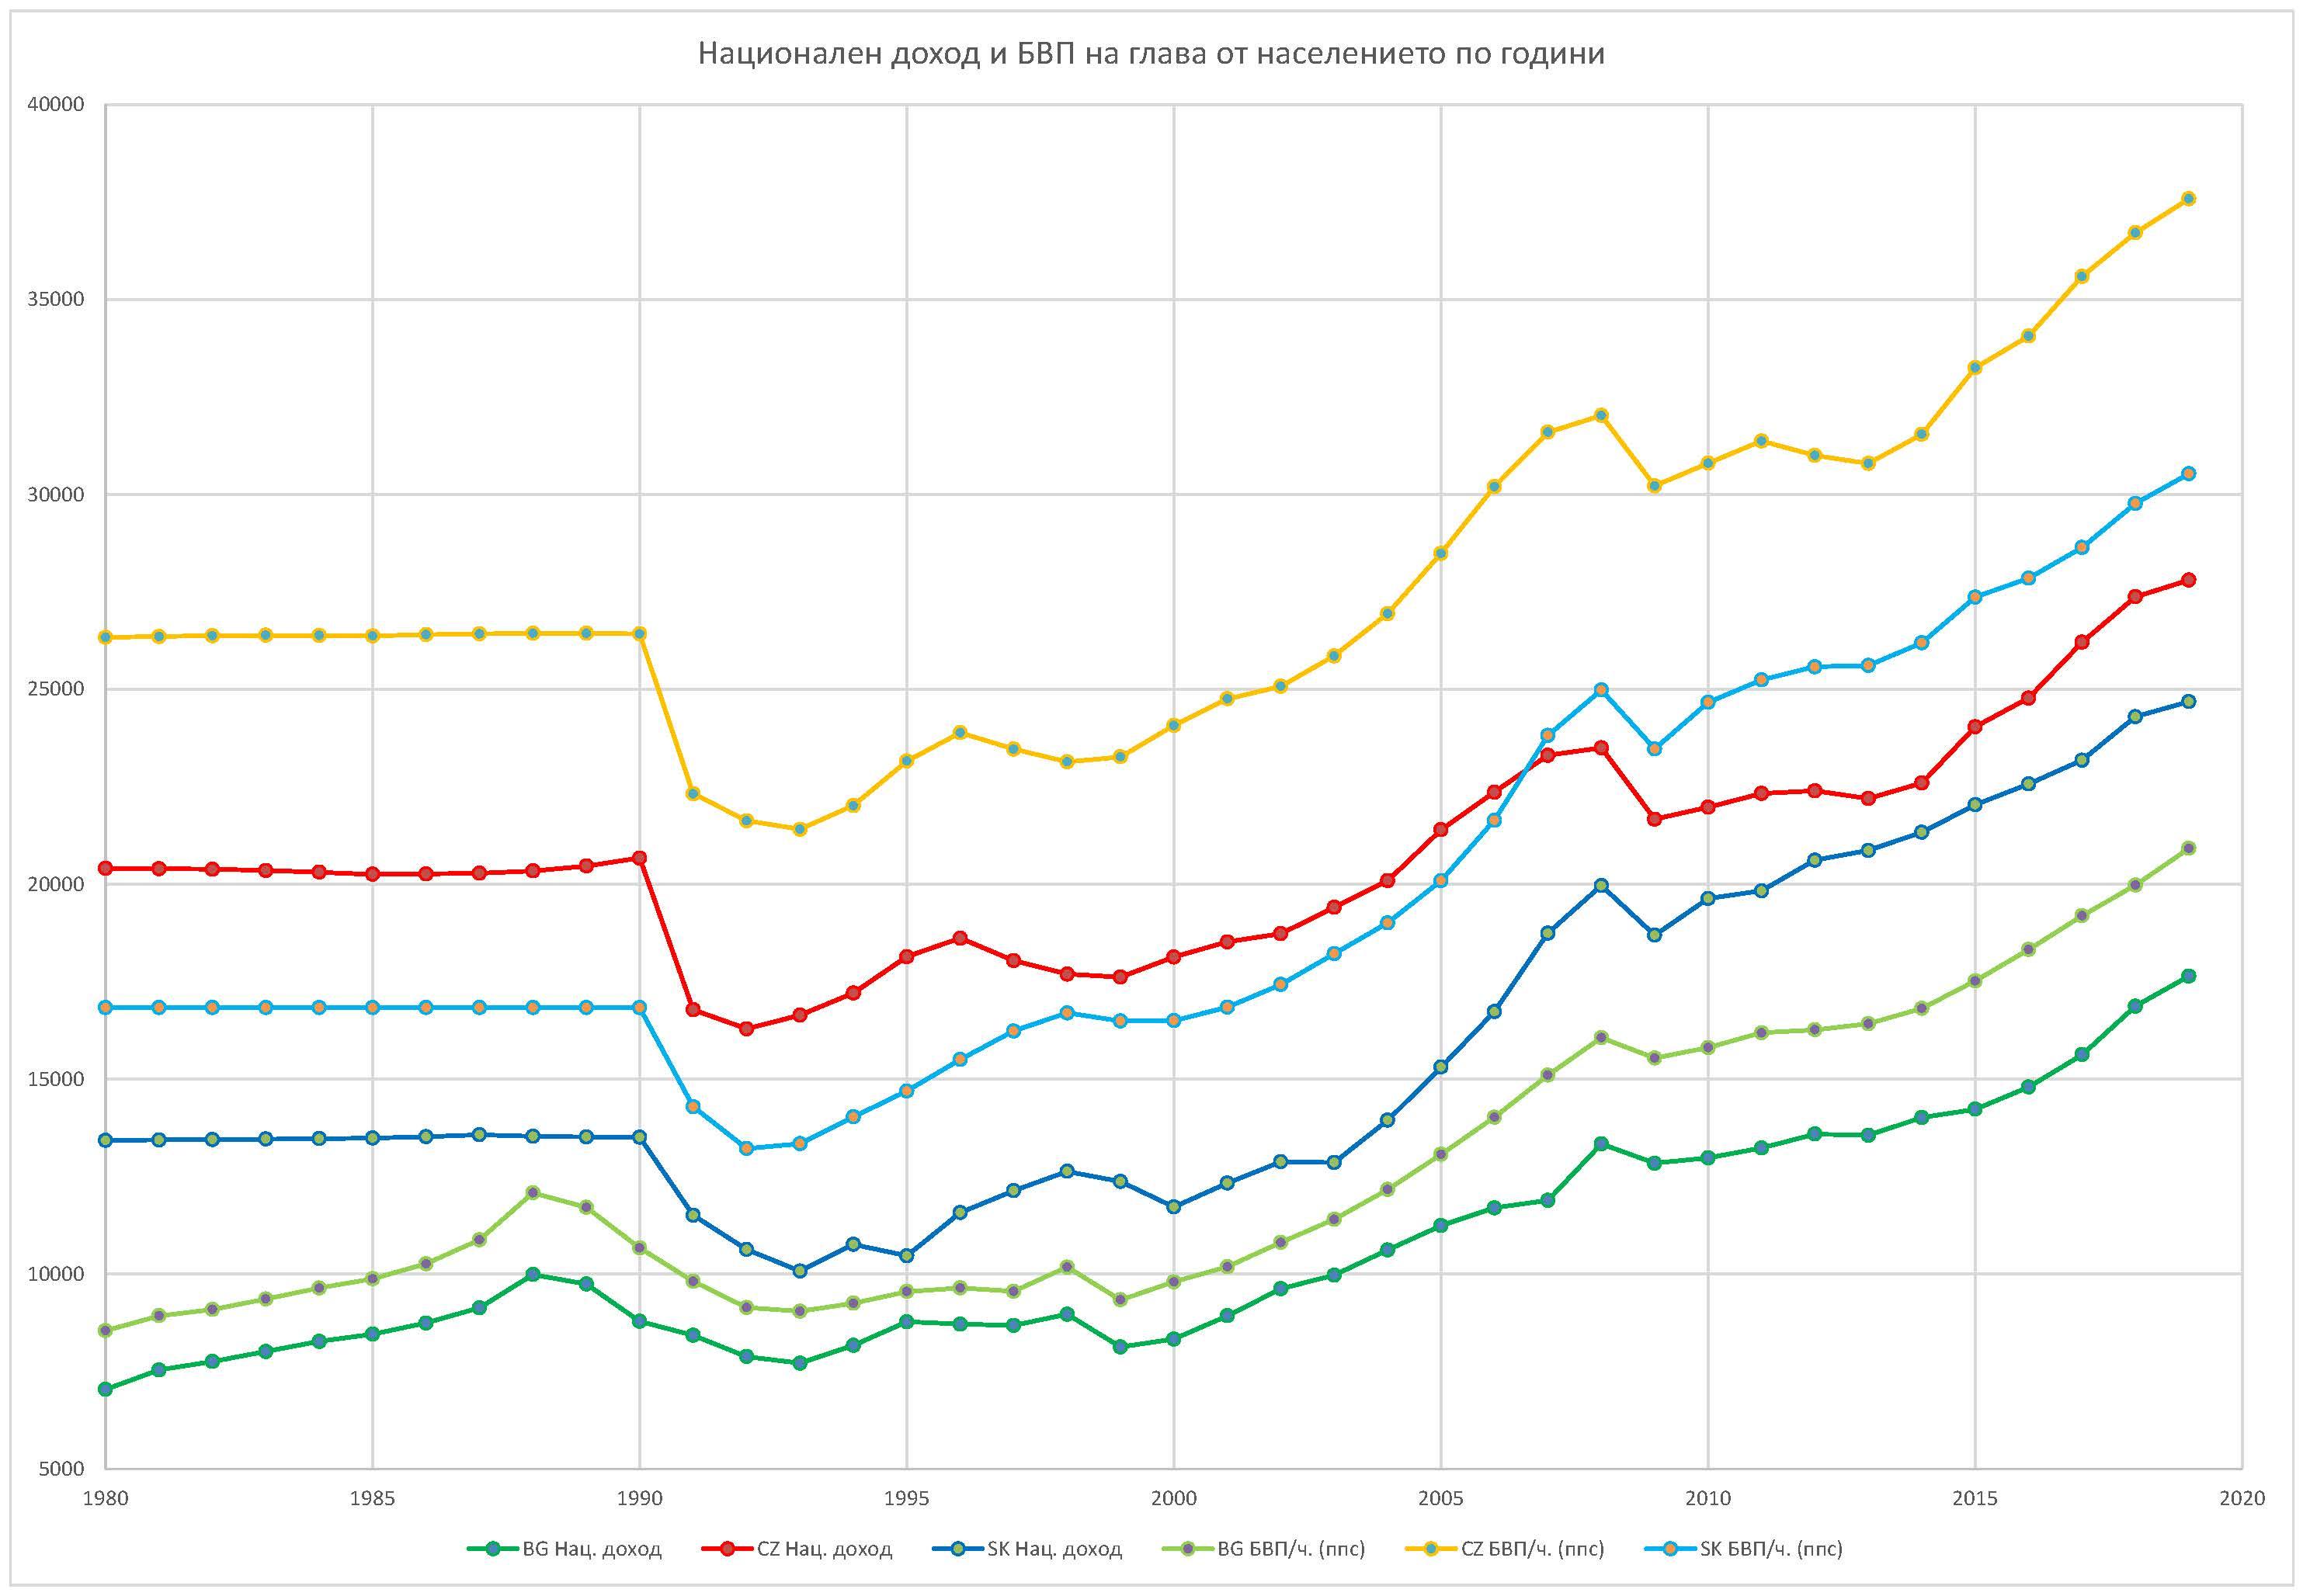 Фиг. 3 – Национален доход и БВП на глава от населението (ППС) в България (BG), Чехия (CZ) и Словакия (SK) за периода 1980-2019 г.; Източник: WID; Инфографика: редакцията